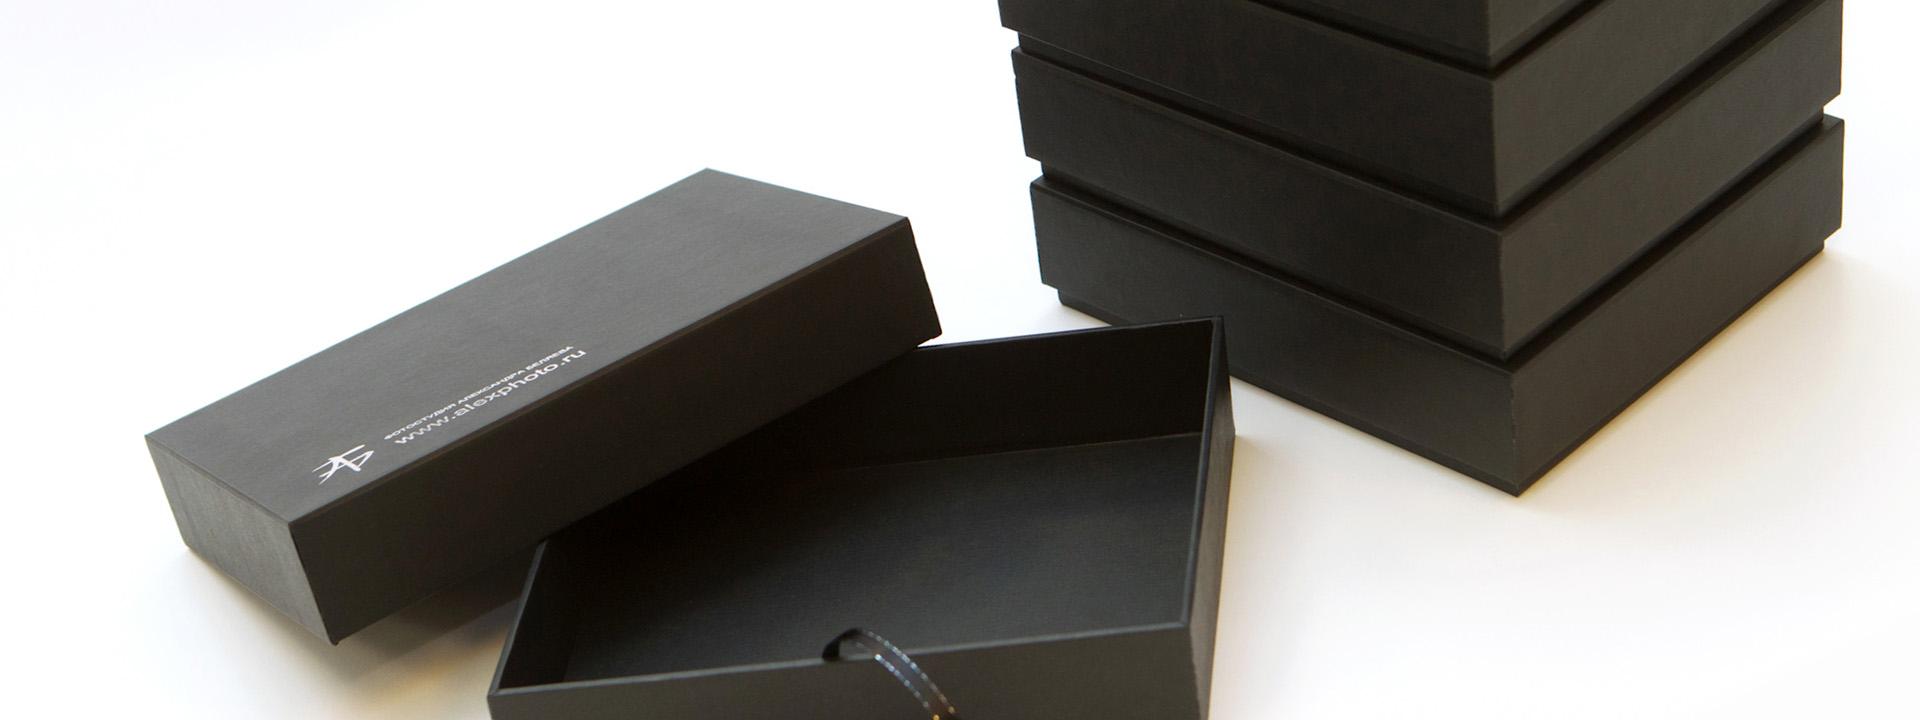 Коробки упаковка 2014